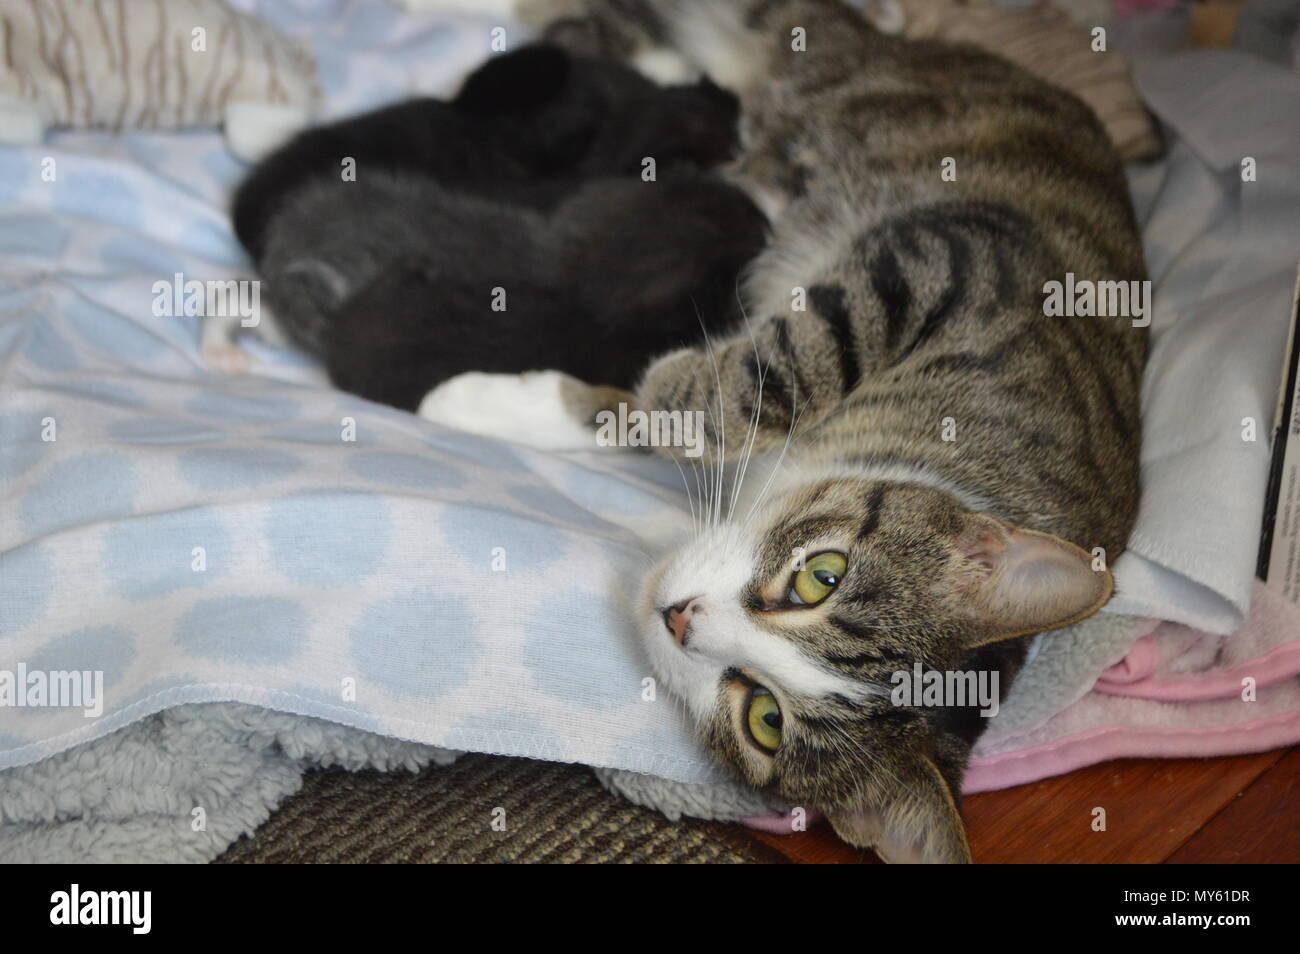 Mother cat nursing kittens - Stock Image